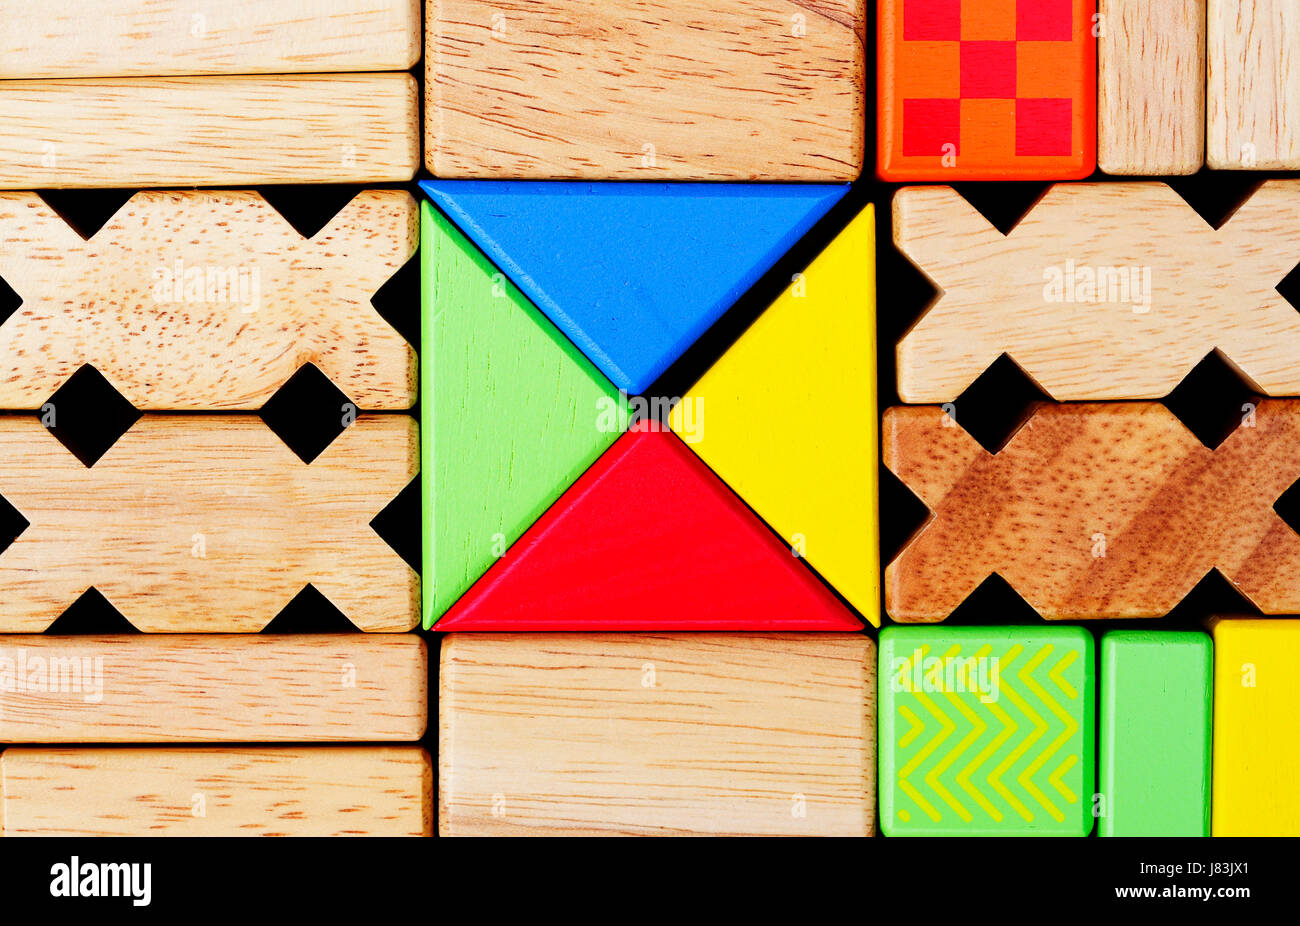 Blaues Haus Gebaude Objekt Bildung Bauen Spiel Turnierspiel